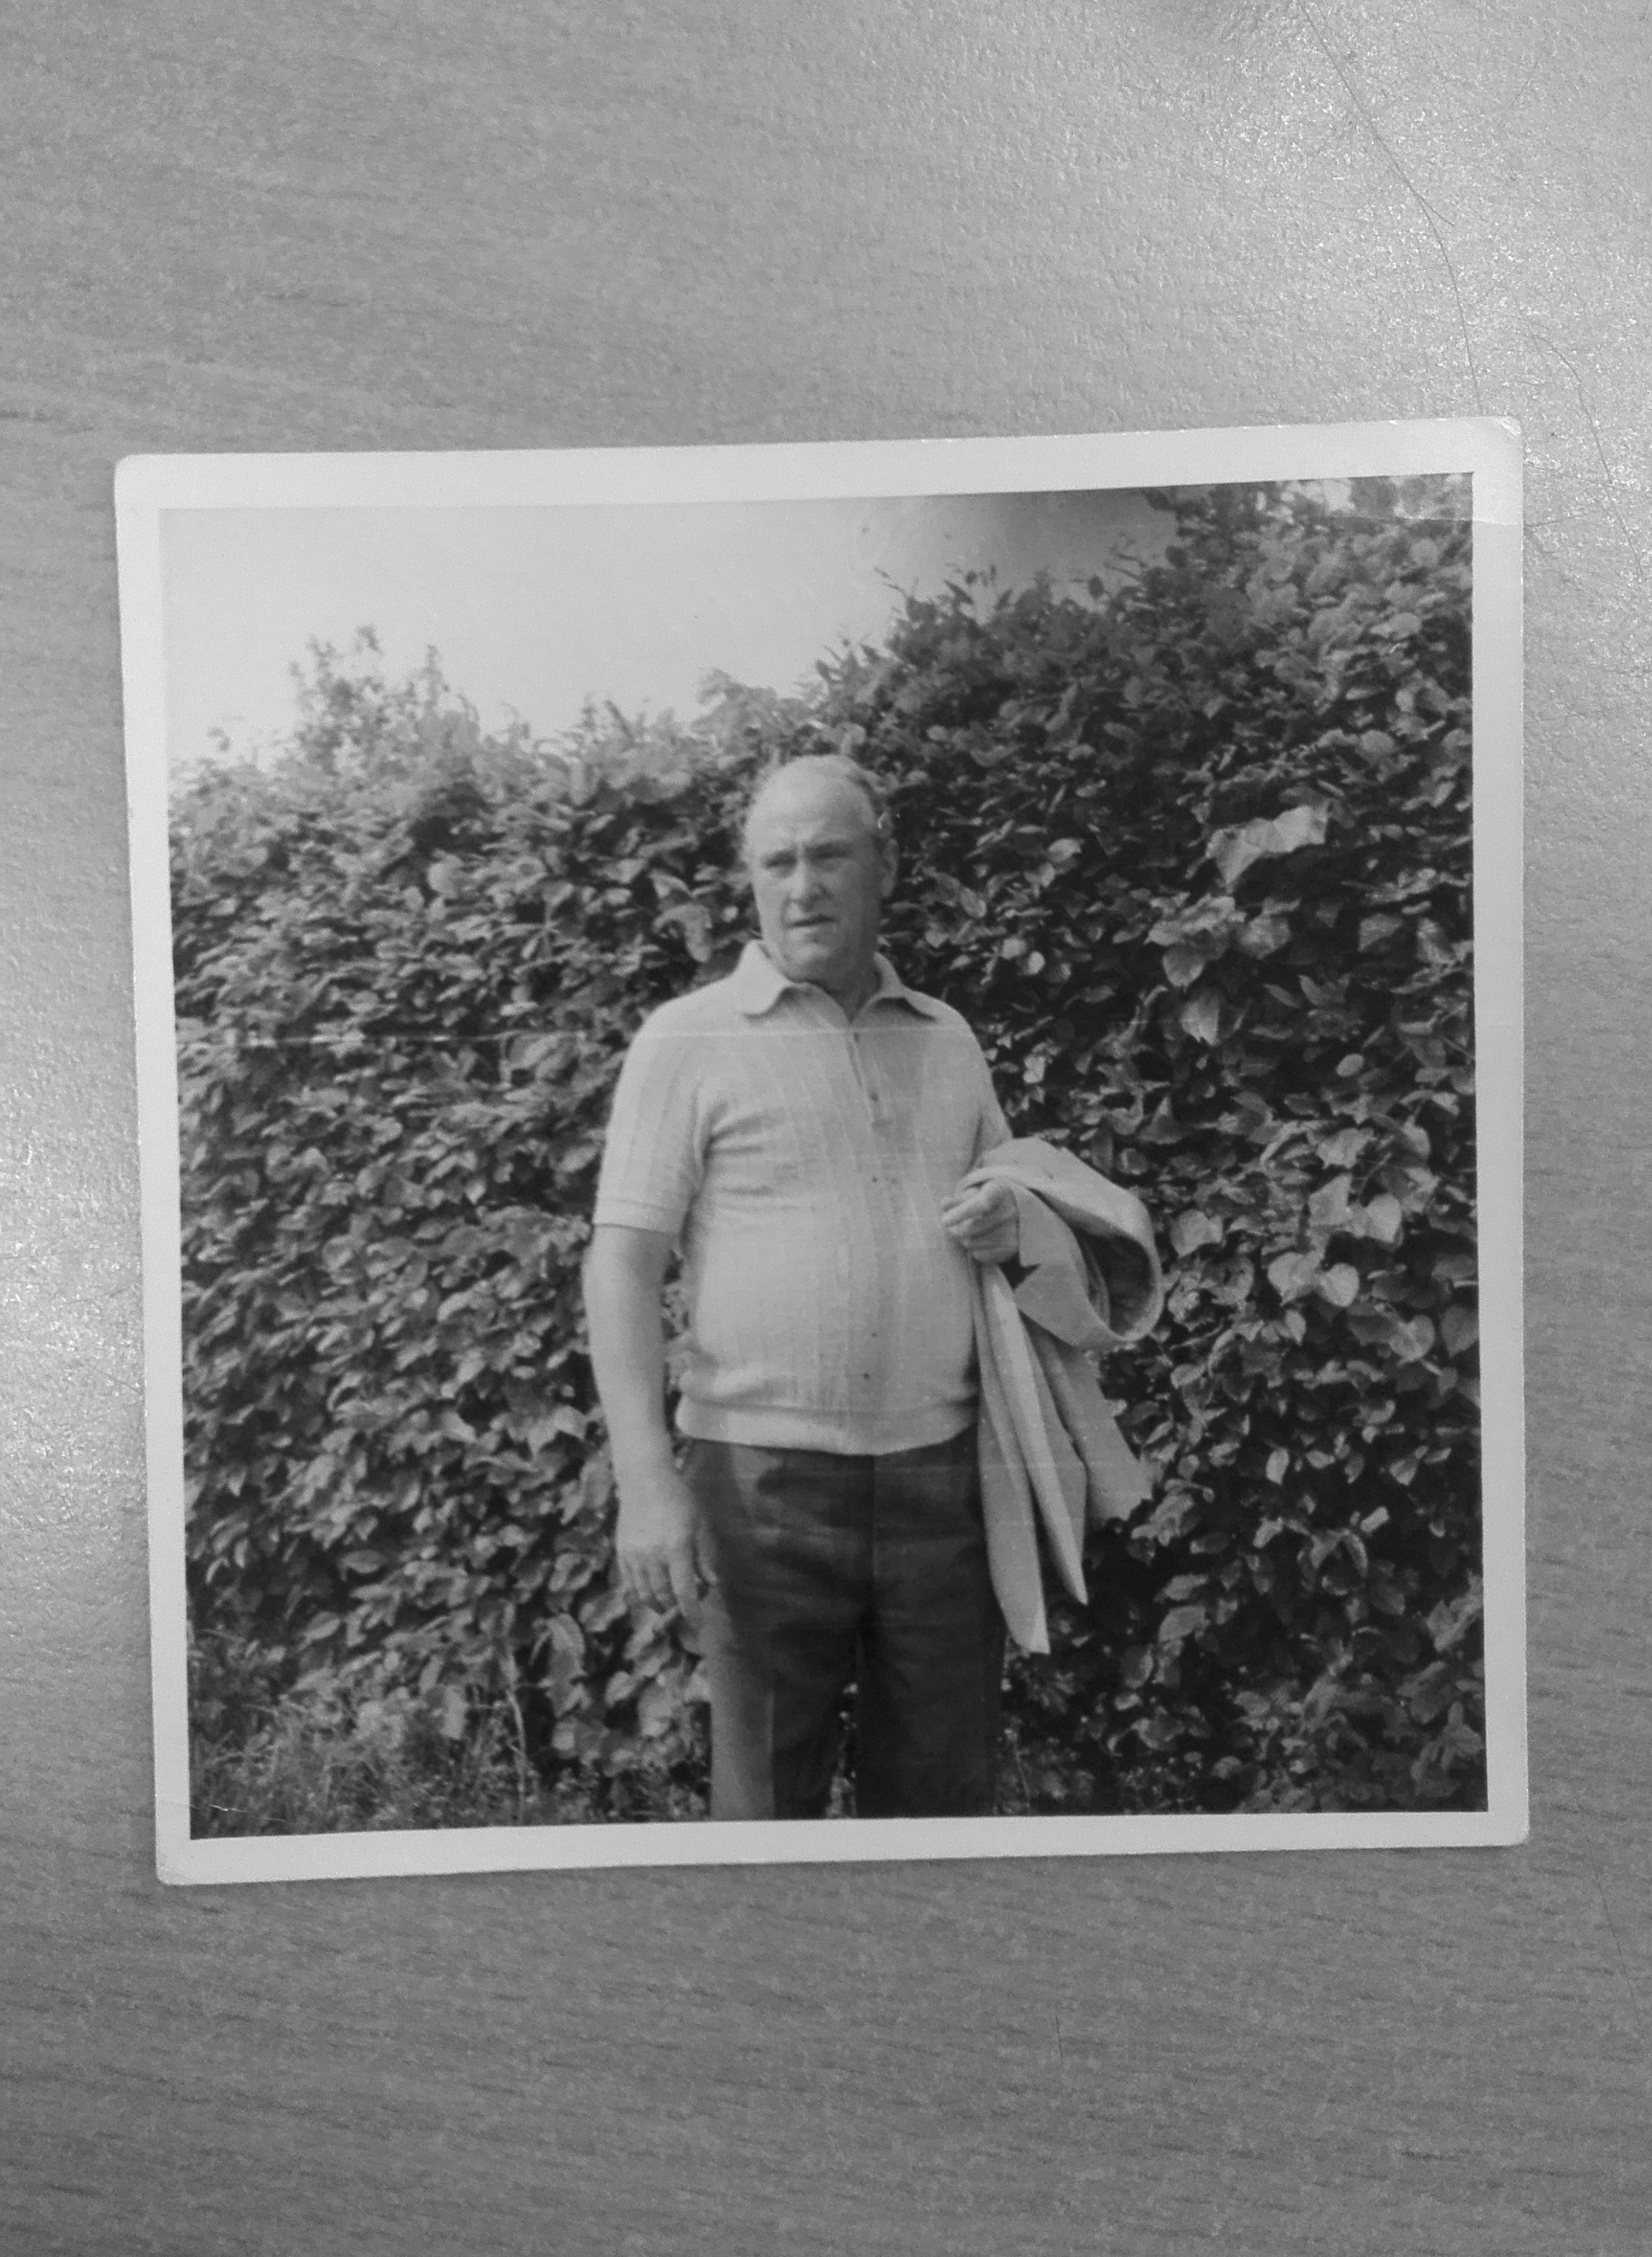 Wilhelm Launert, Gisela' s Vater